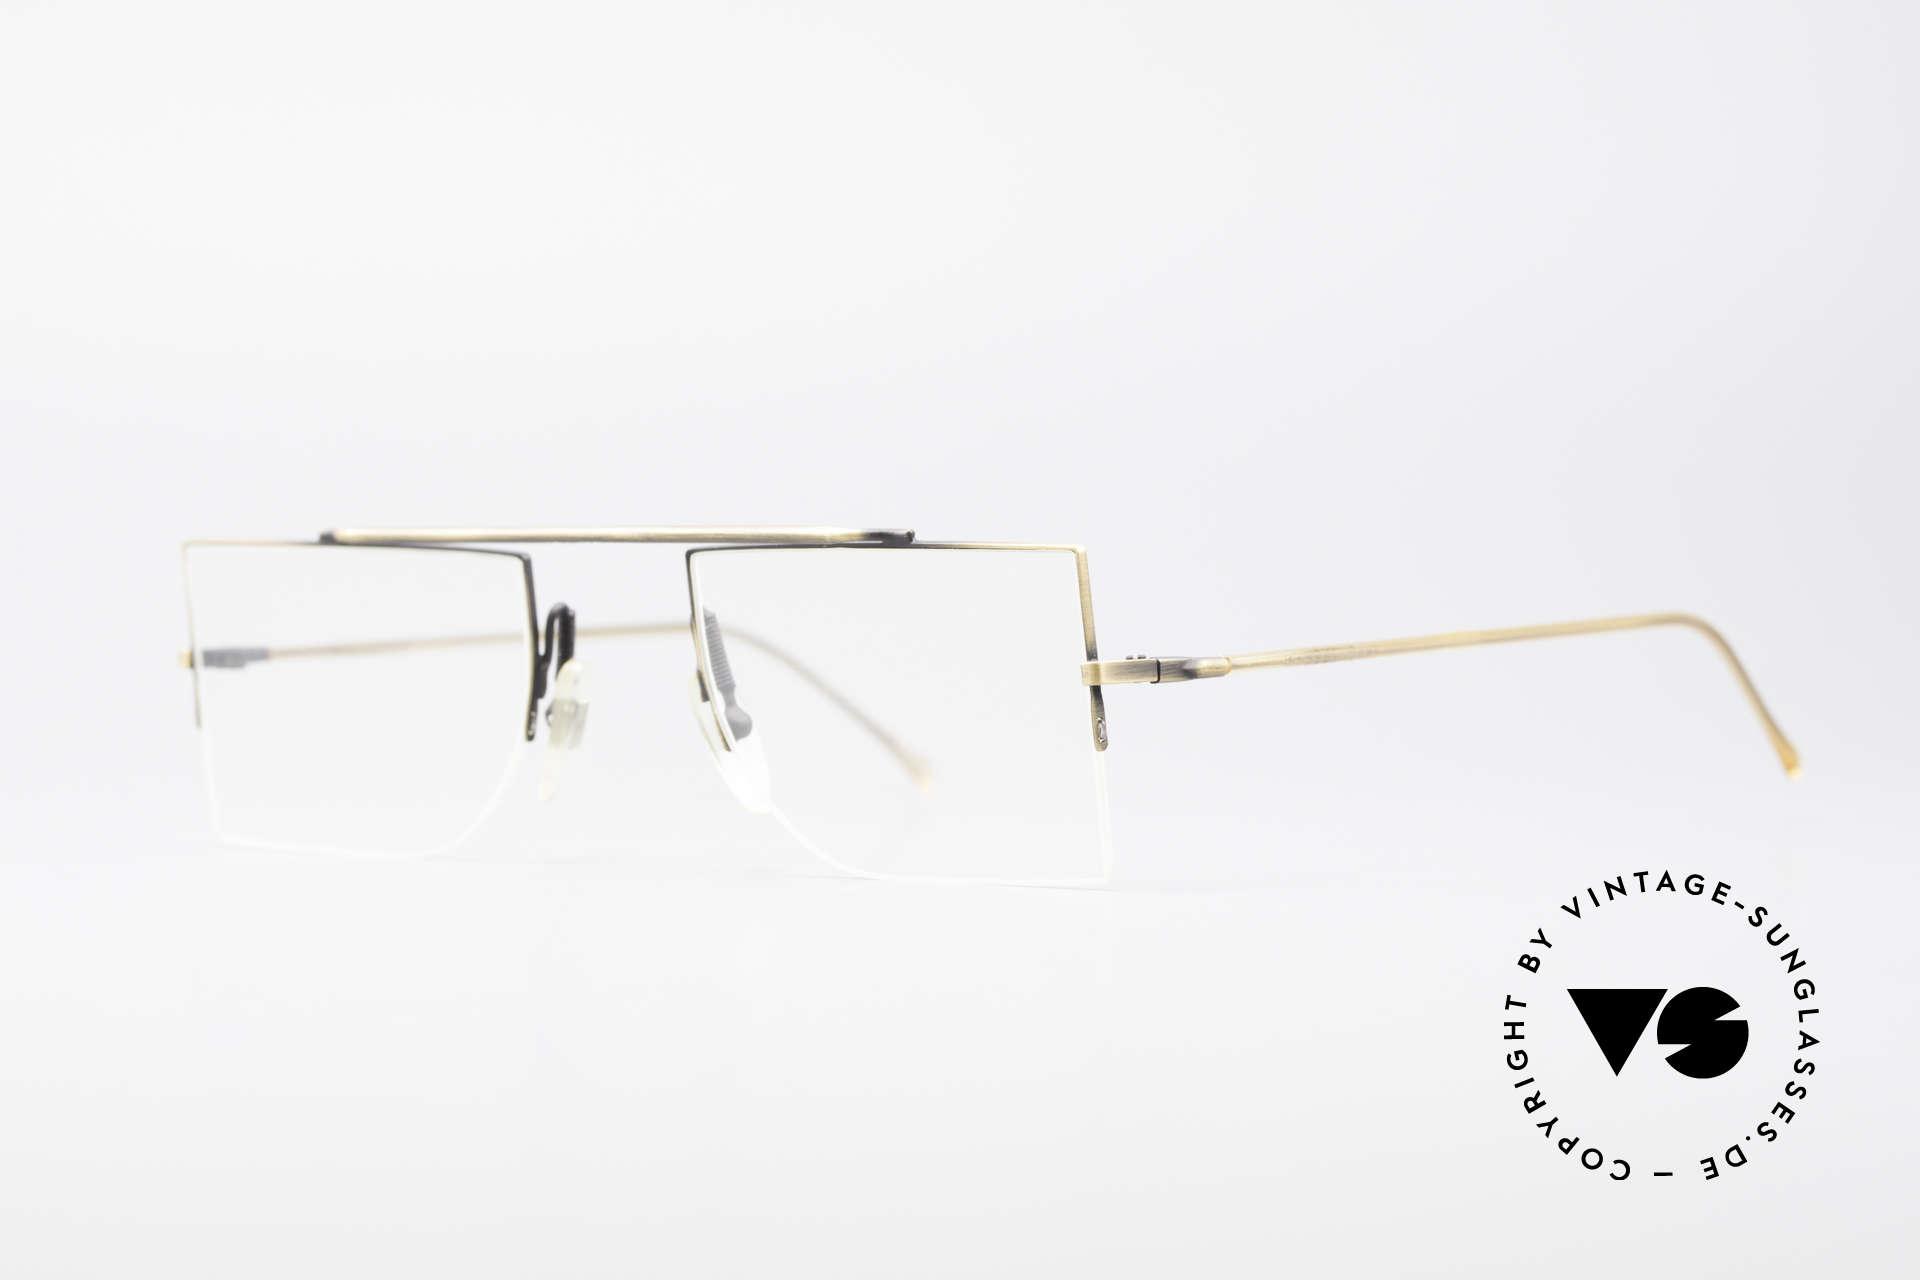 L.A. Eyeworks BURBANK 442 Echte Vintage Brille 90er, minimalistische Konstruktion geometrischer Formen, Passend für Herren und Damen